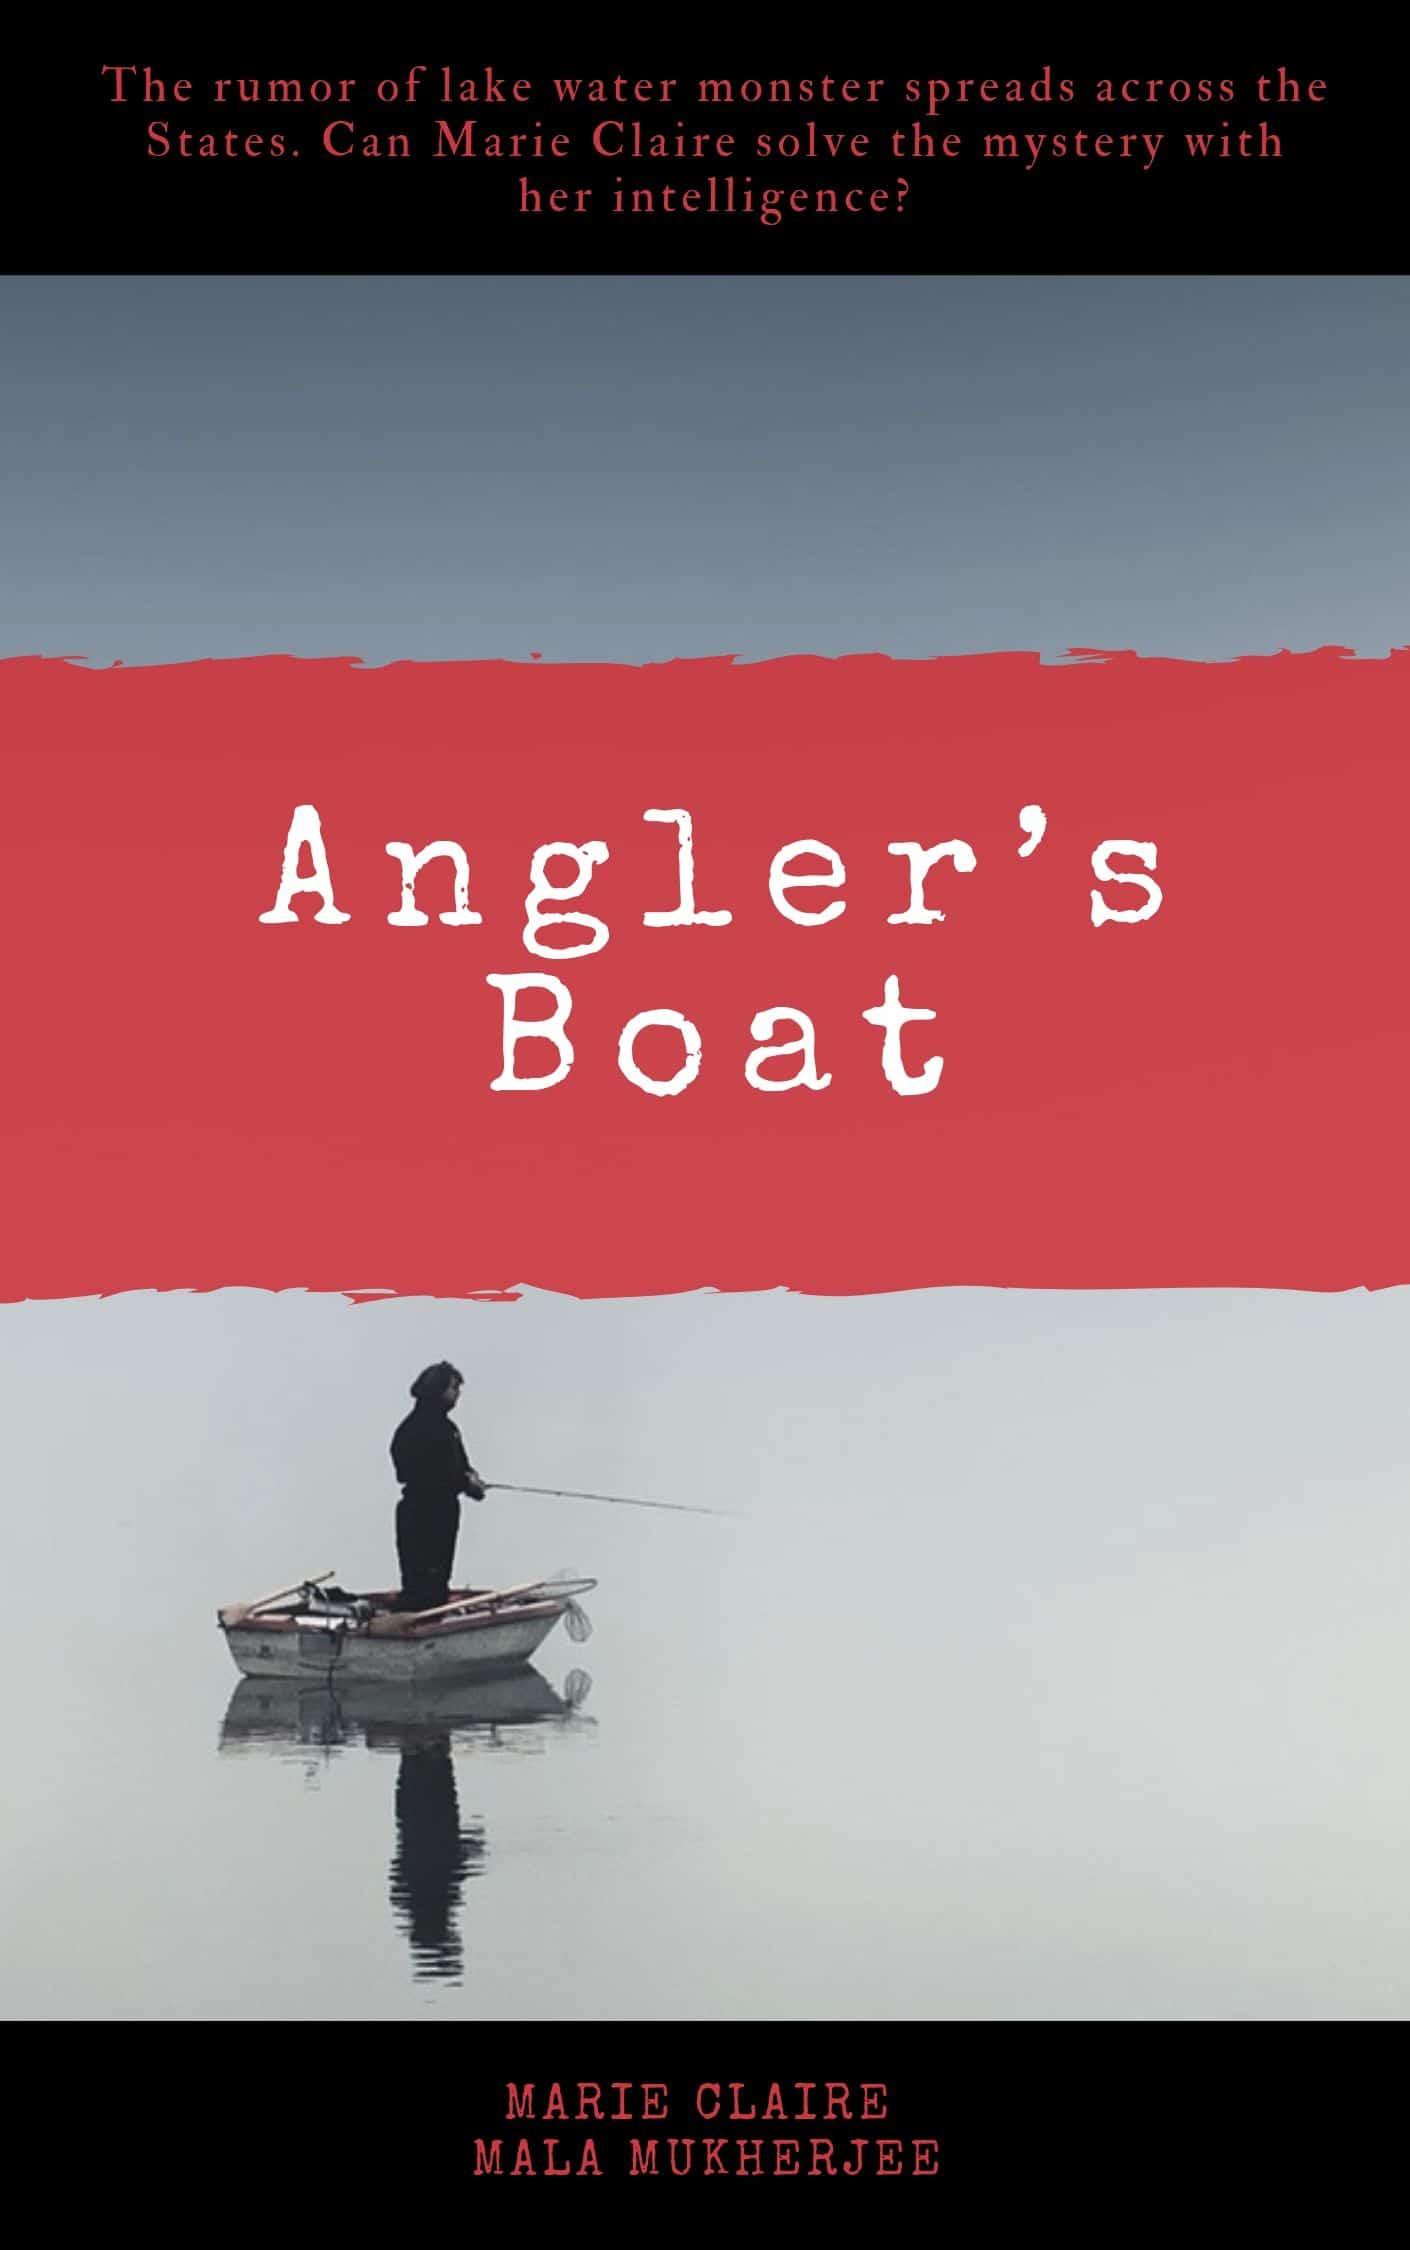 Angler's Boat